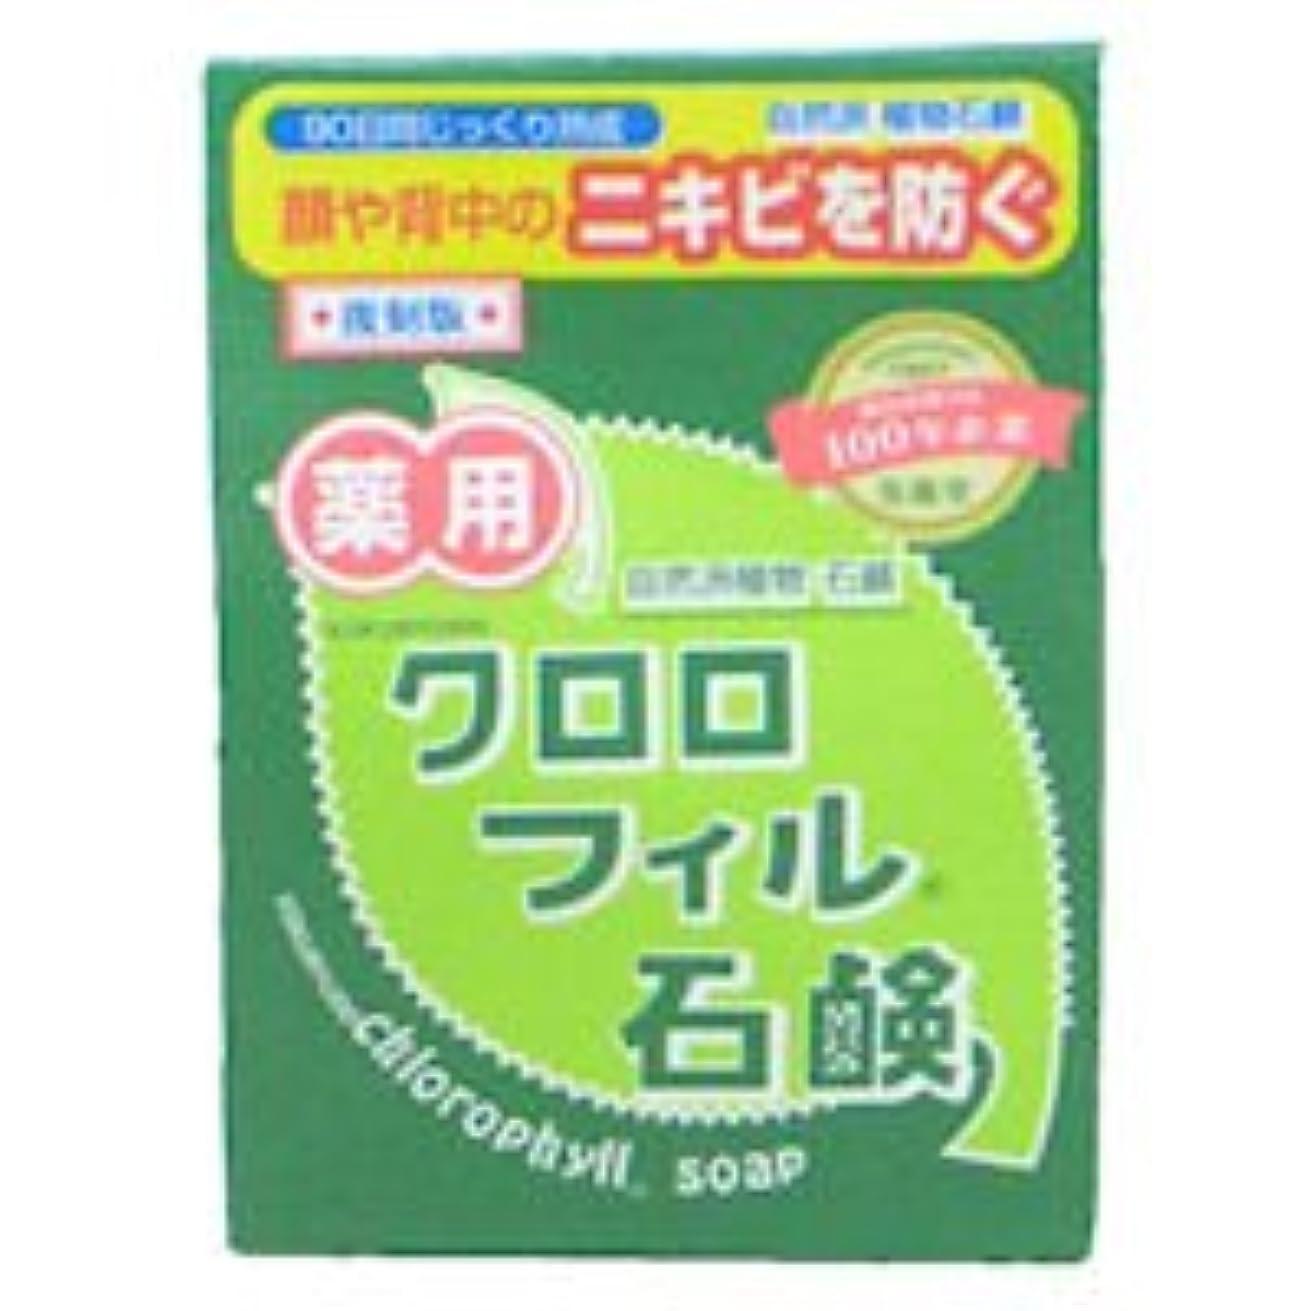 映画恋人鼻【黒龍堂】薬用 クロロフィル石鹸 85g